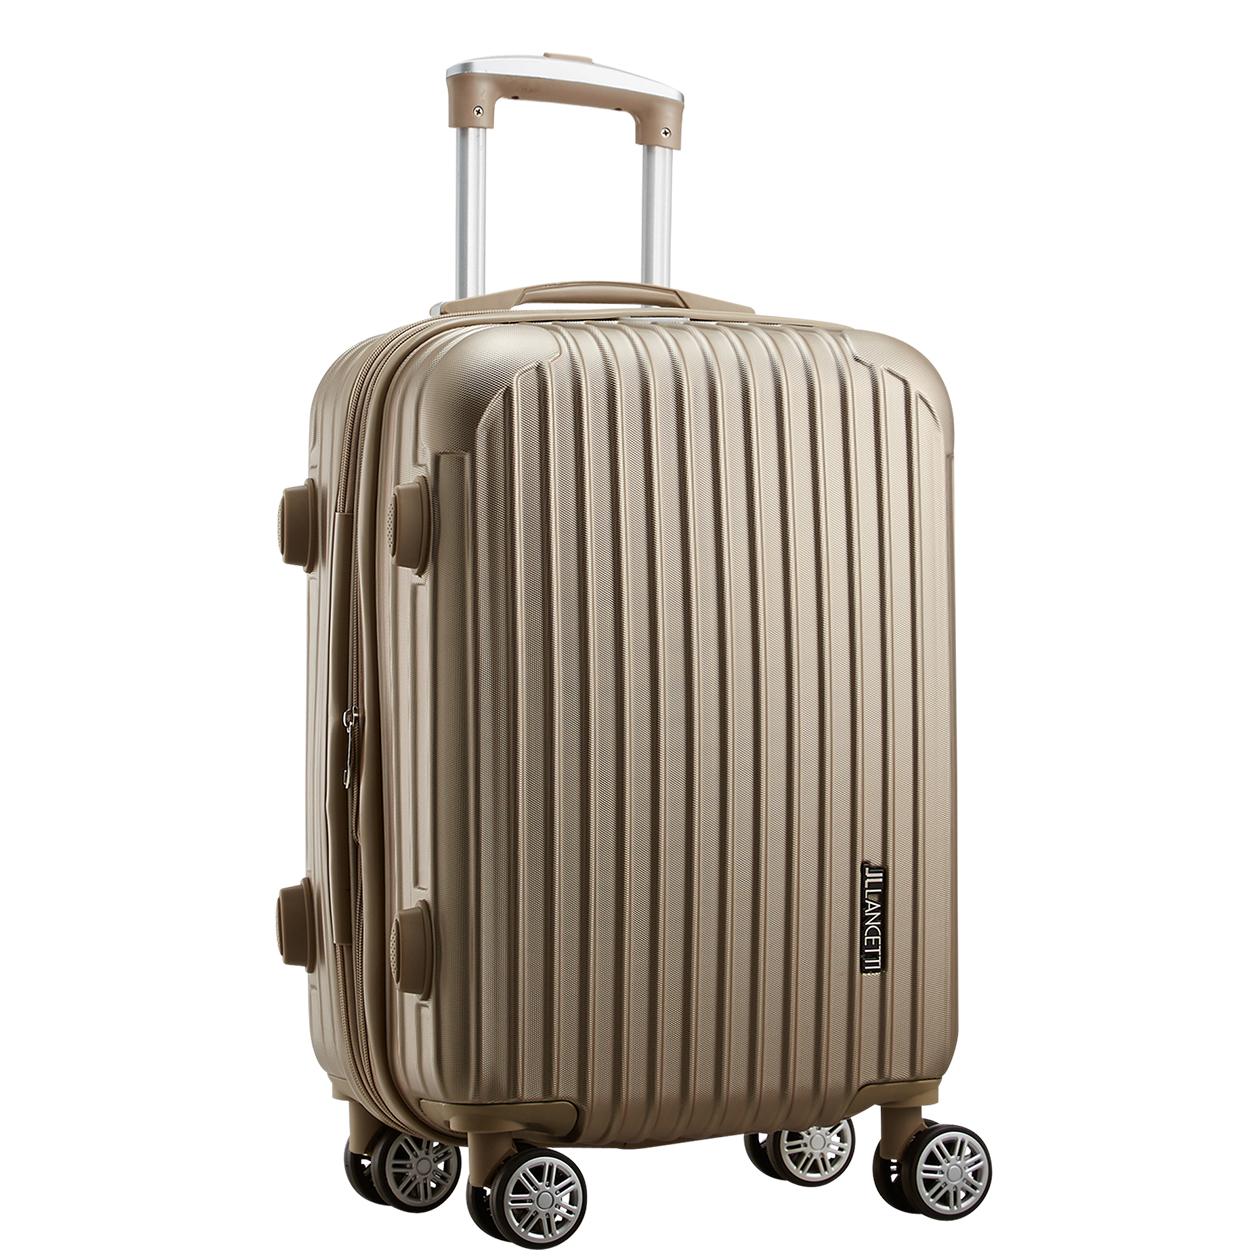 [란체티] 퍼스트 20인치 기내용 여행용캐리어 여행가방 케리어